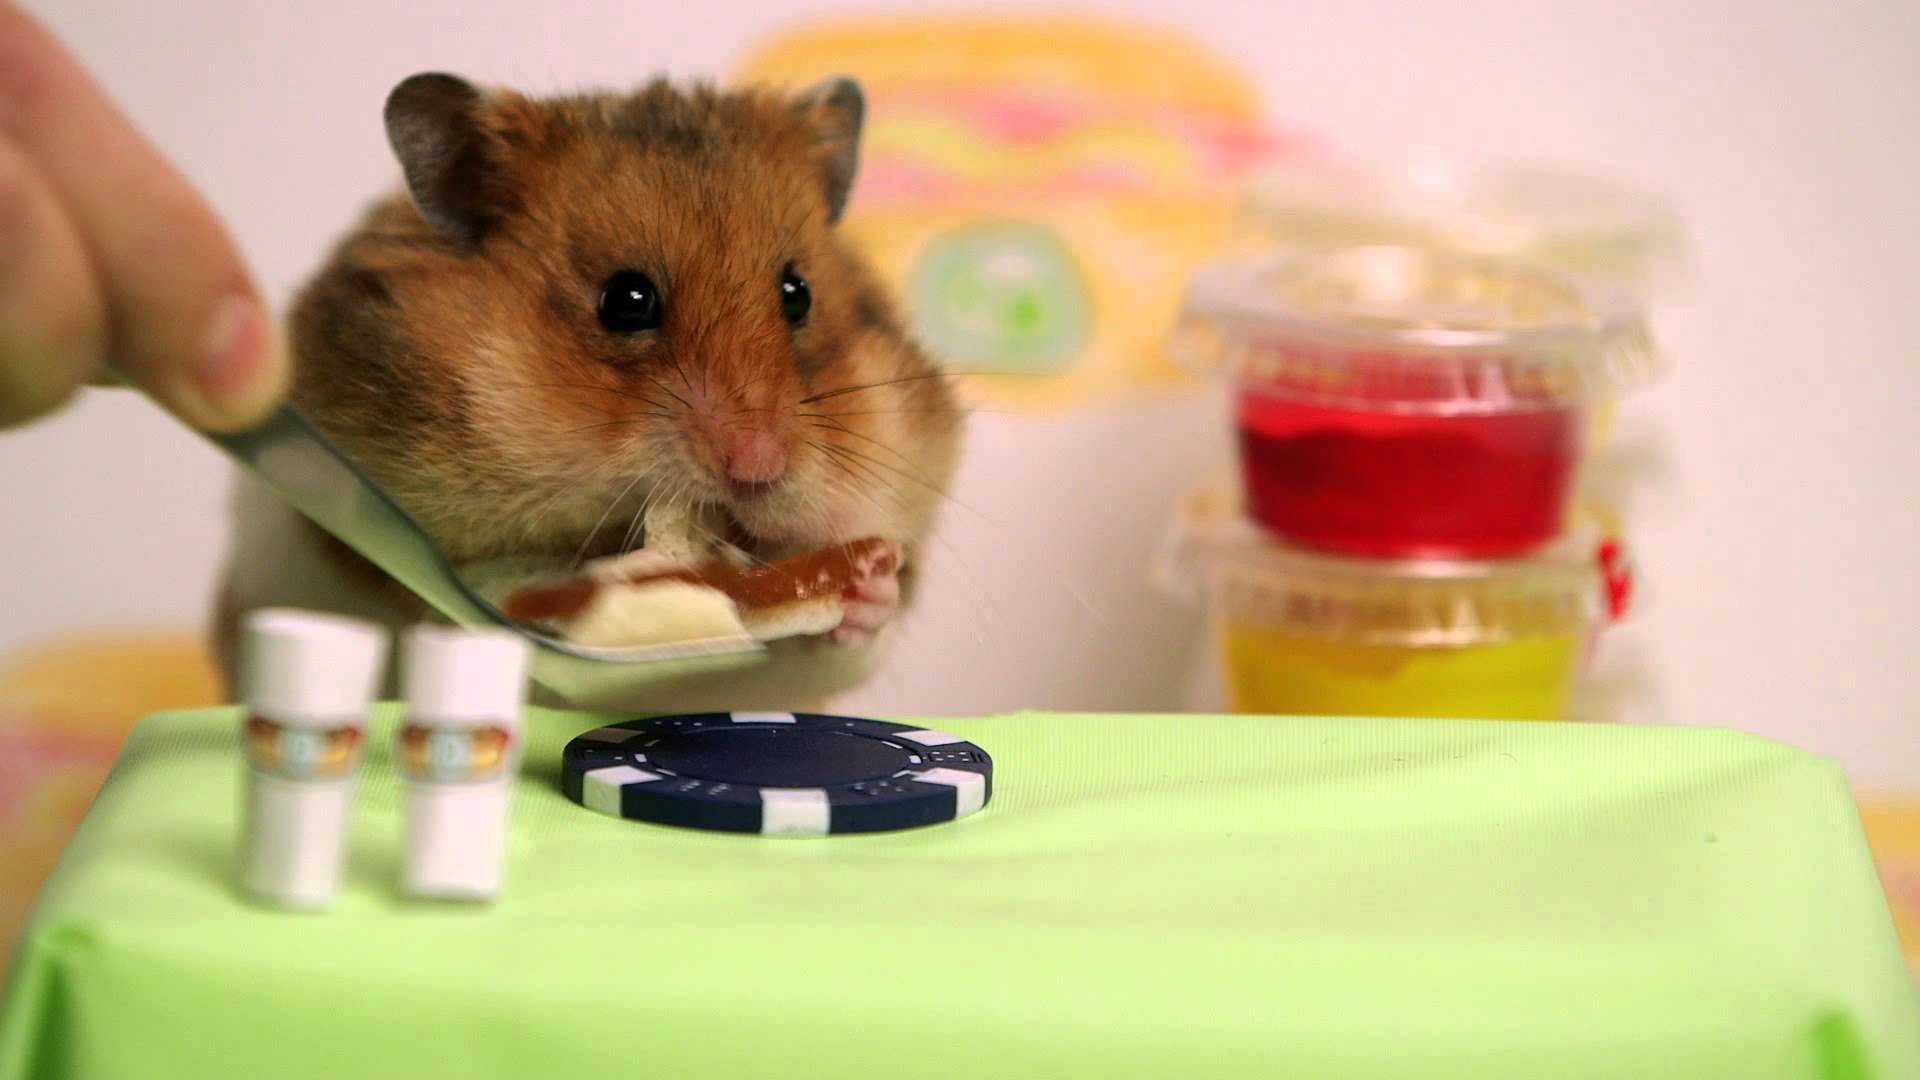 maxresdefaultIZM2S1TU Wer kann mehr schneller essen: Hamster oder Mensch?